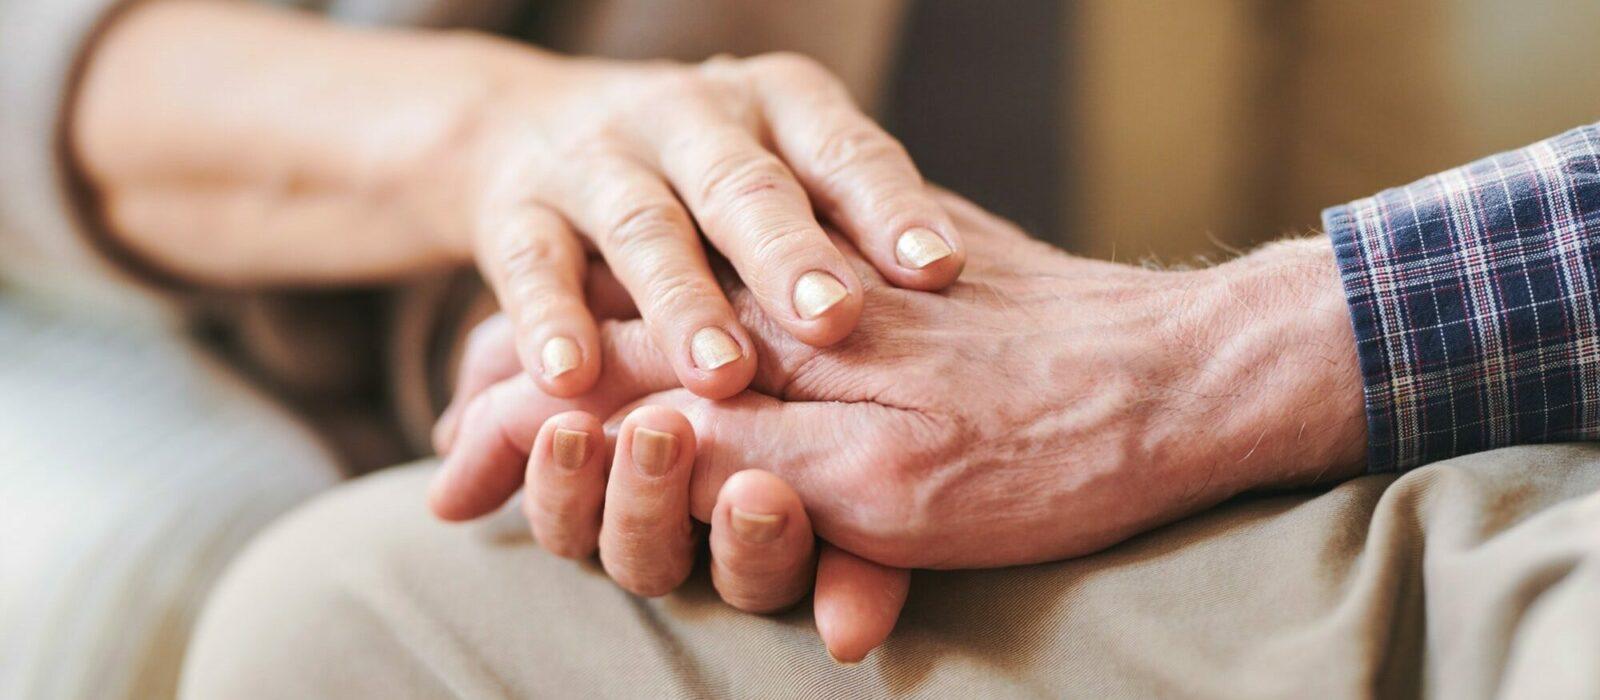 Symbolbild Empfehlungen/Partnerschaften zeigt eine Dame, die die Hand eines älteren Herren hält